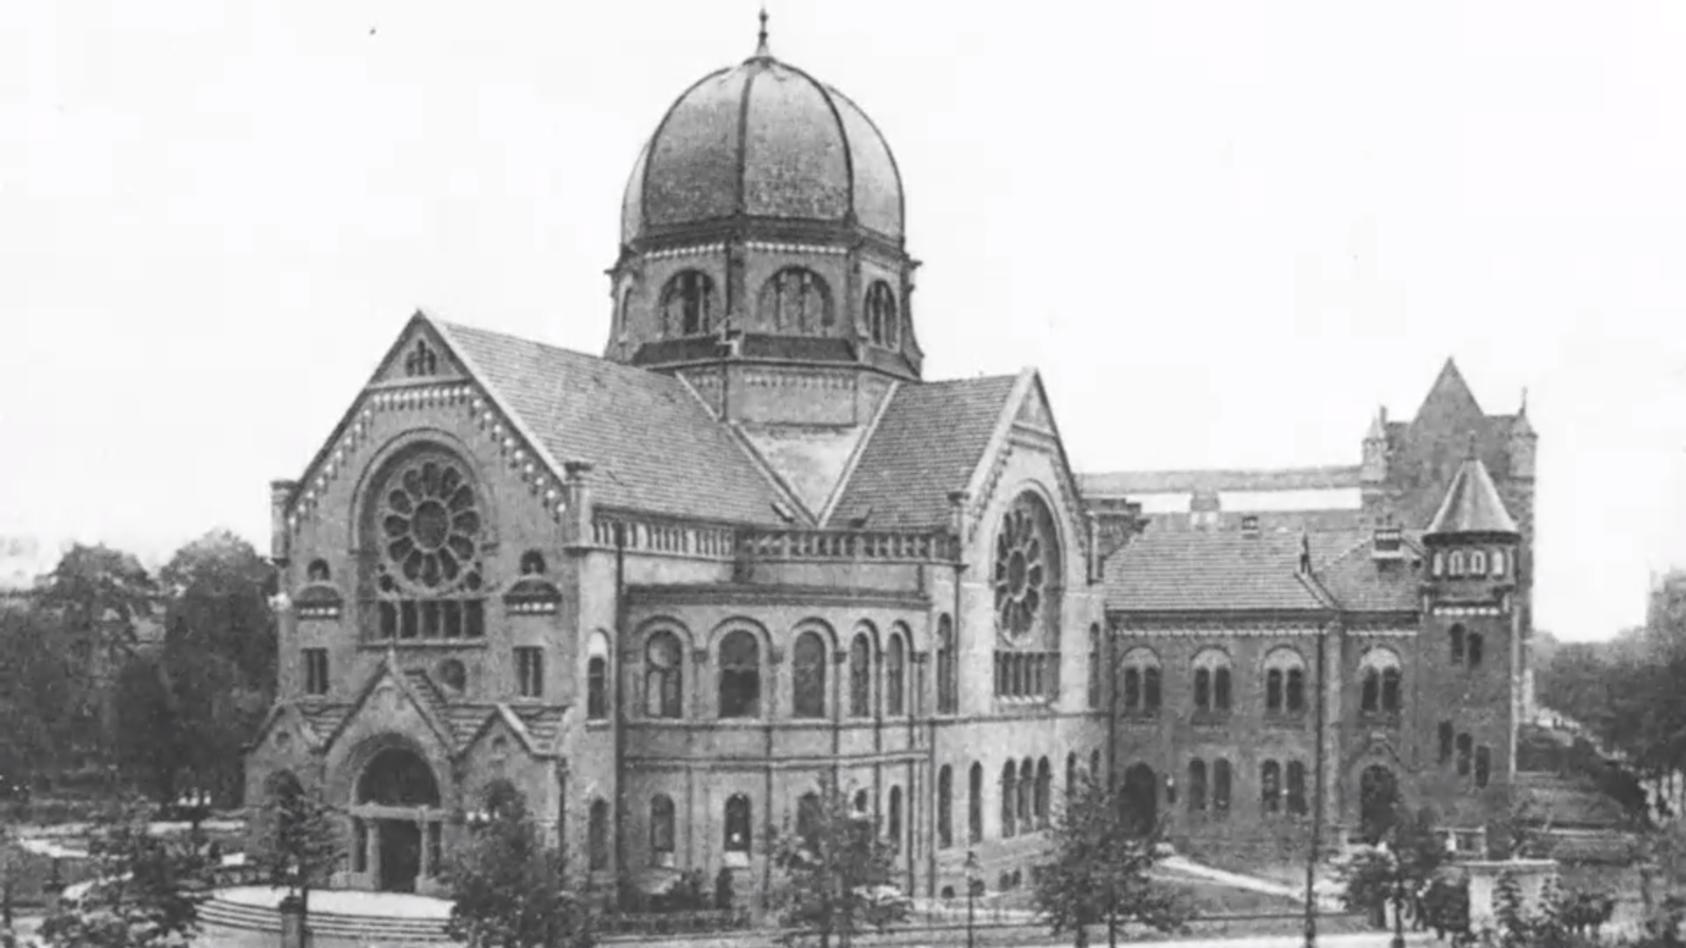 Die Bornplatzsynagoge in Hamburg vor der Zerstörung